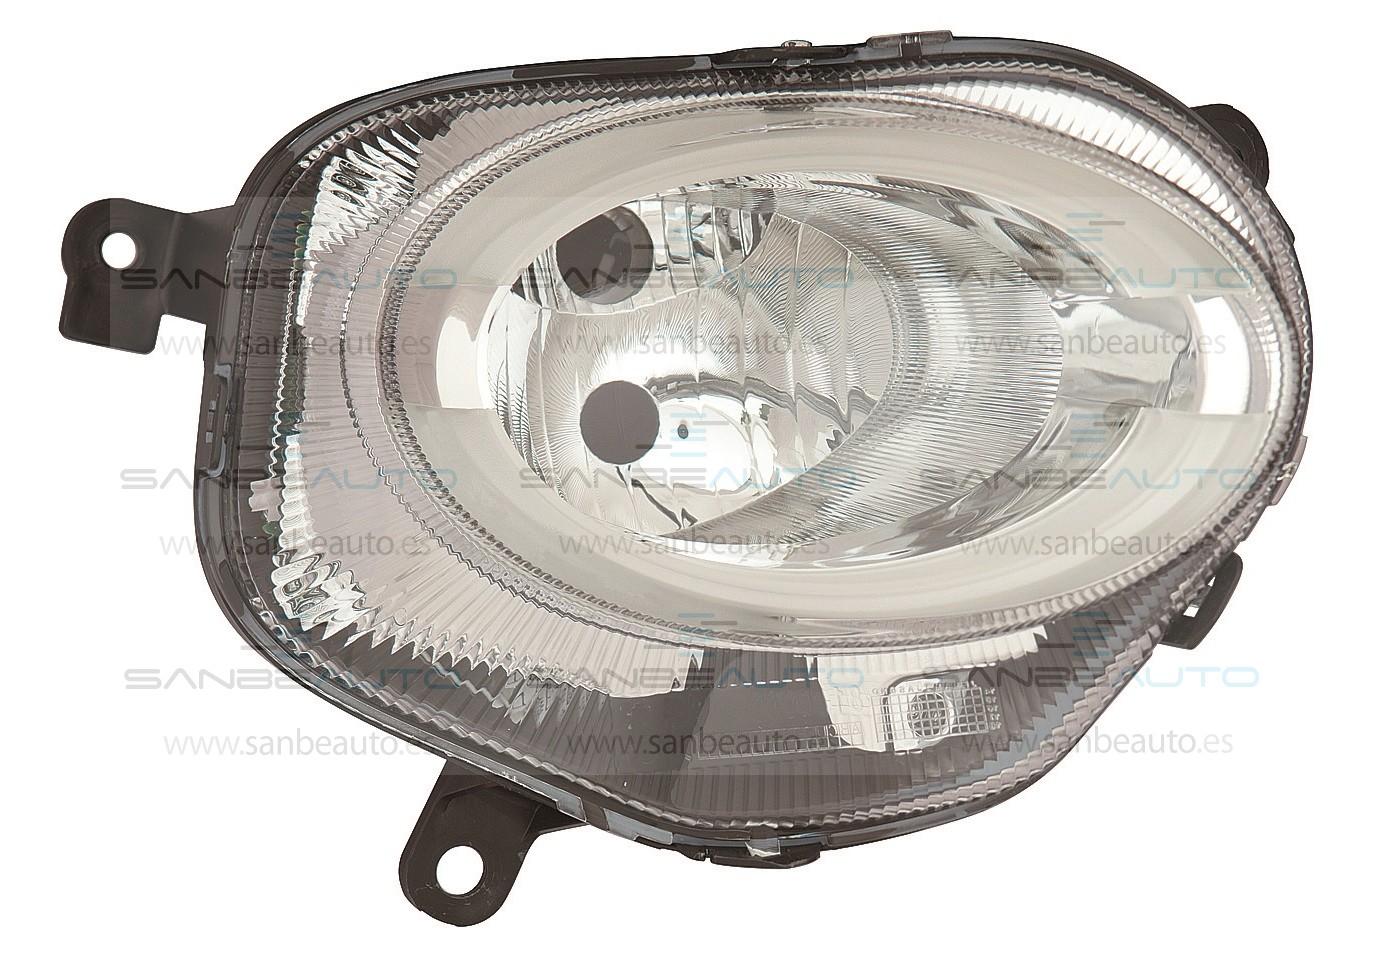 FIAT 500 15-*FARO DCH CON REGULACION ELECTRICA H7/LED